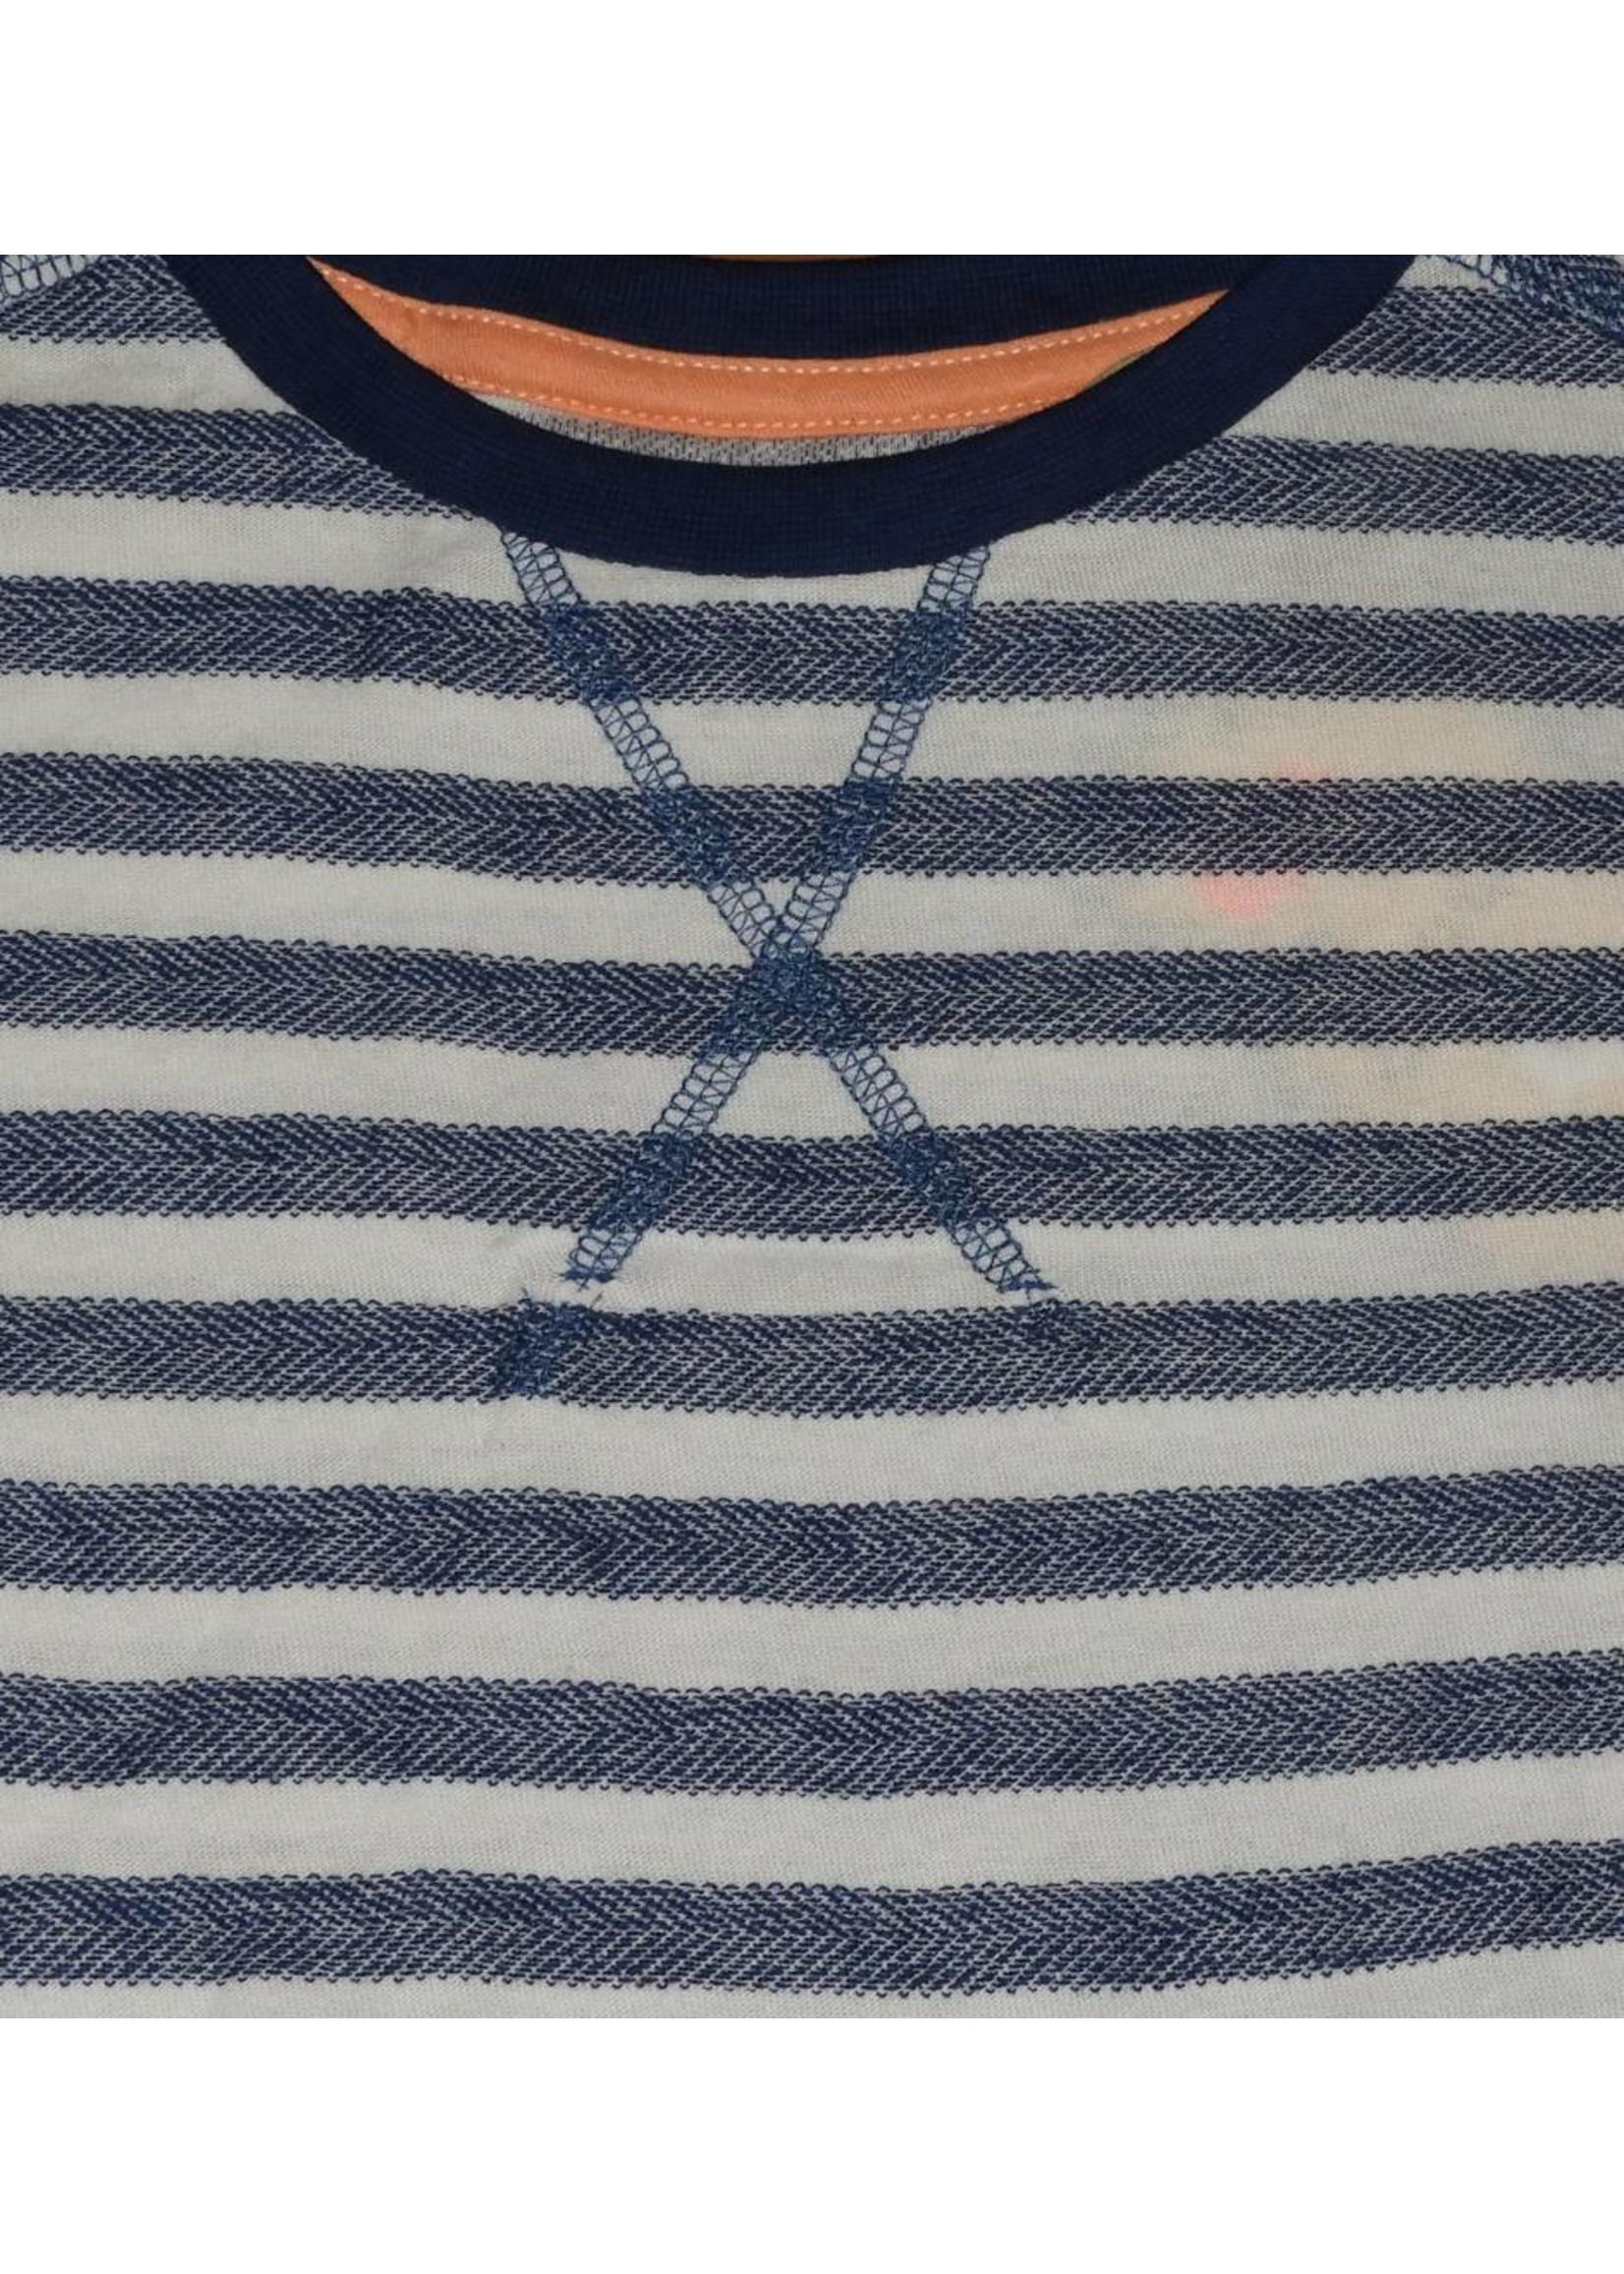 Knot so Bad T-shirt maat 152